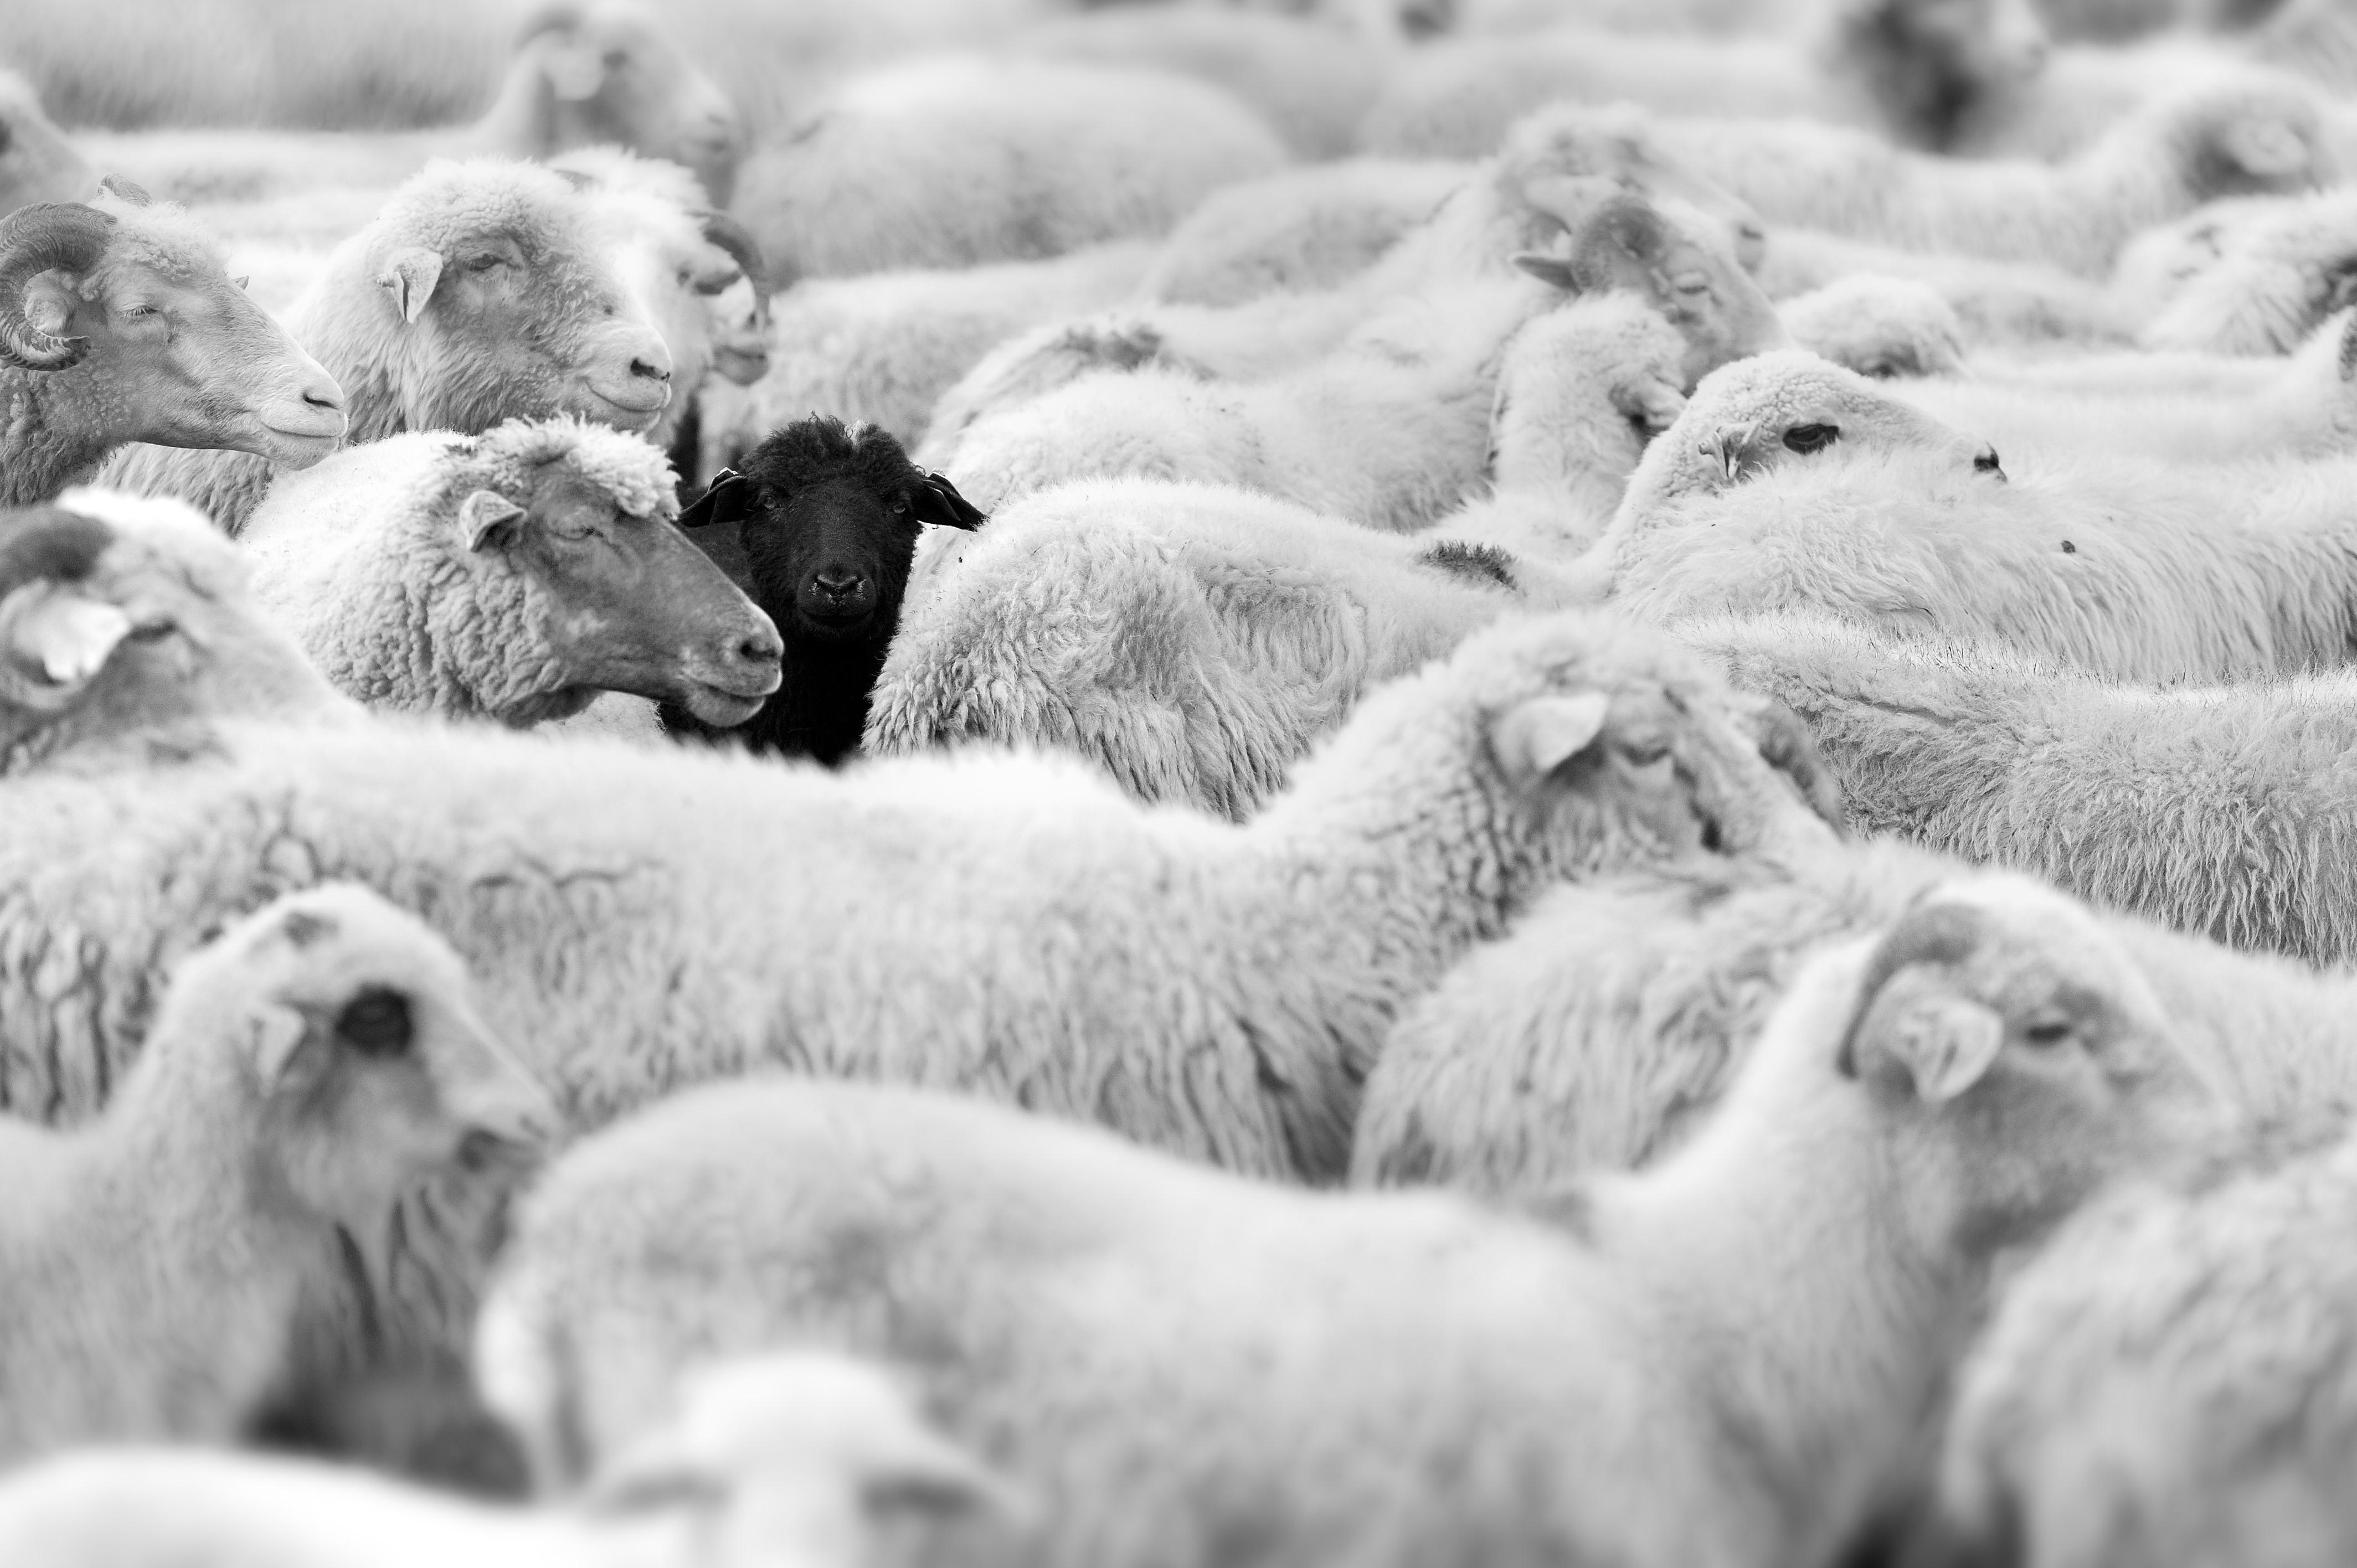 schwarzes Schaf bei weissen Schafen